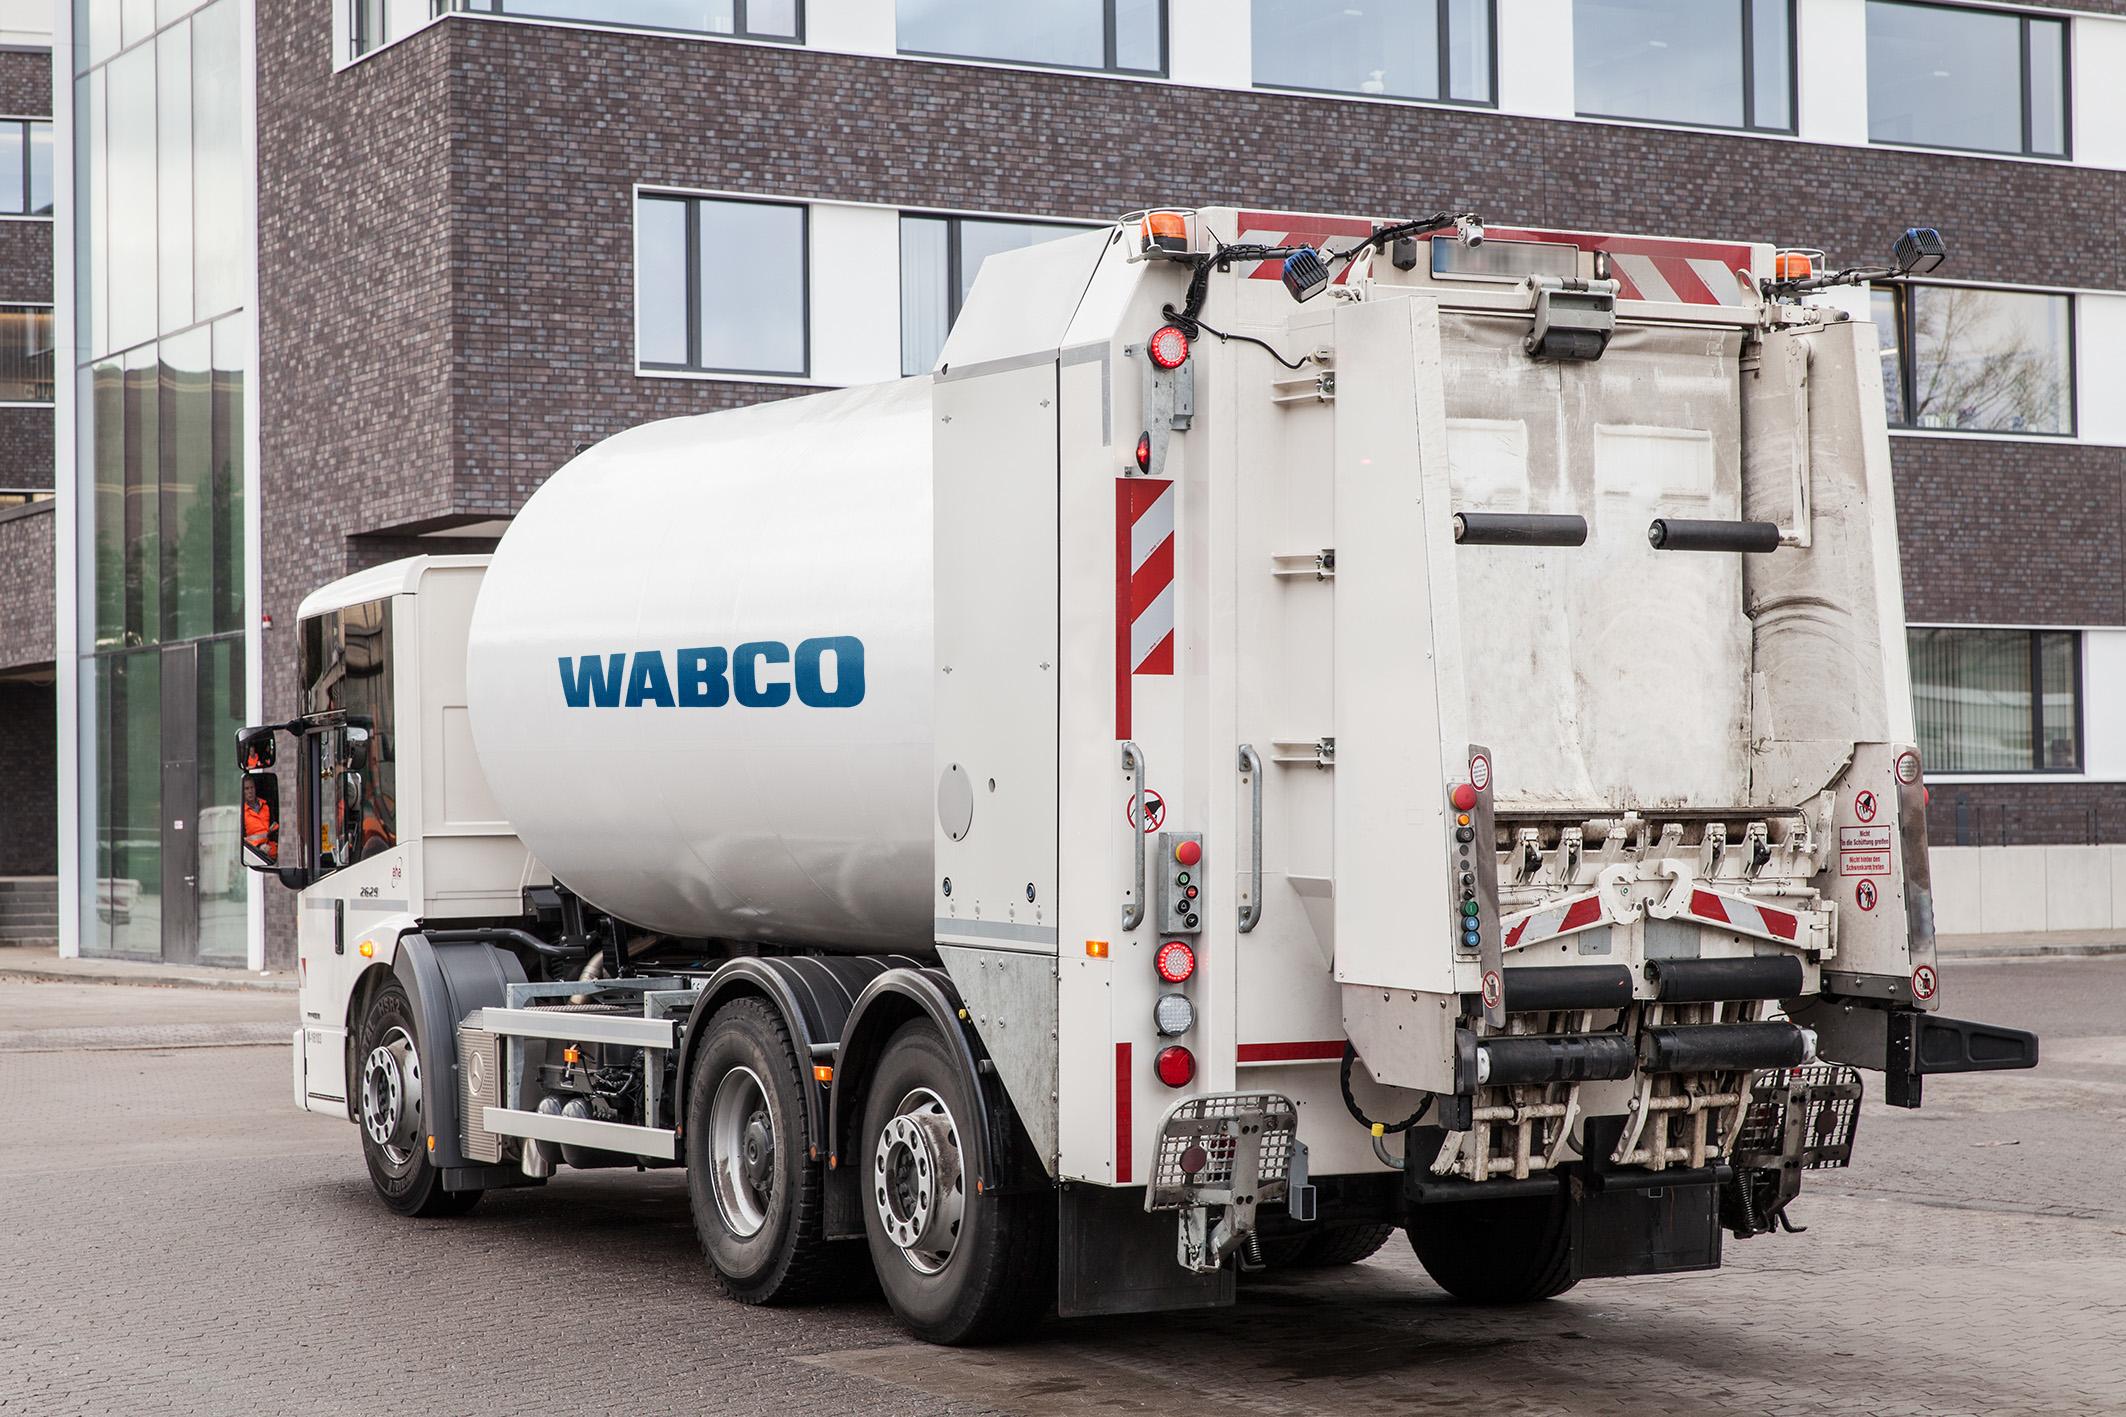 WABCO Trailer Remote Control Sensoren und Anzeige am Kundenfahrzeug